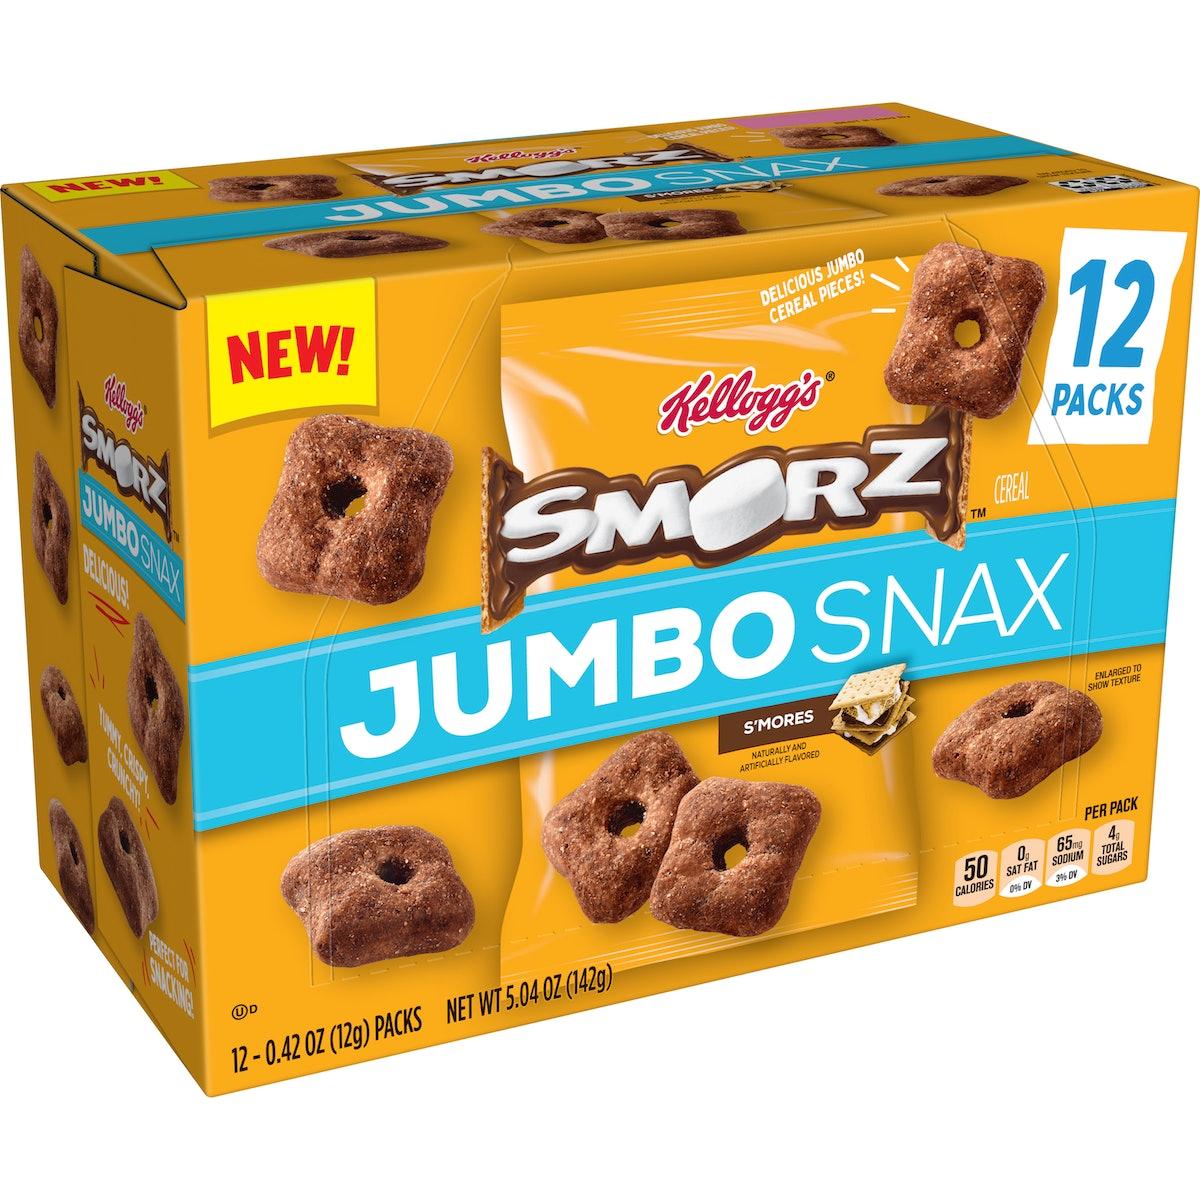 Kellogg's SMORZ Cereal Jumbo taste just like s'mores.